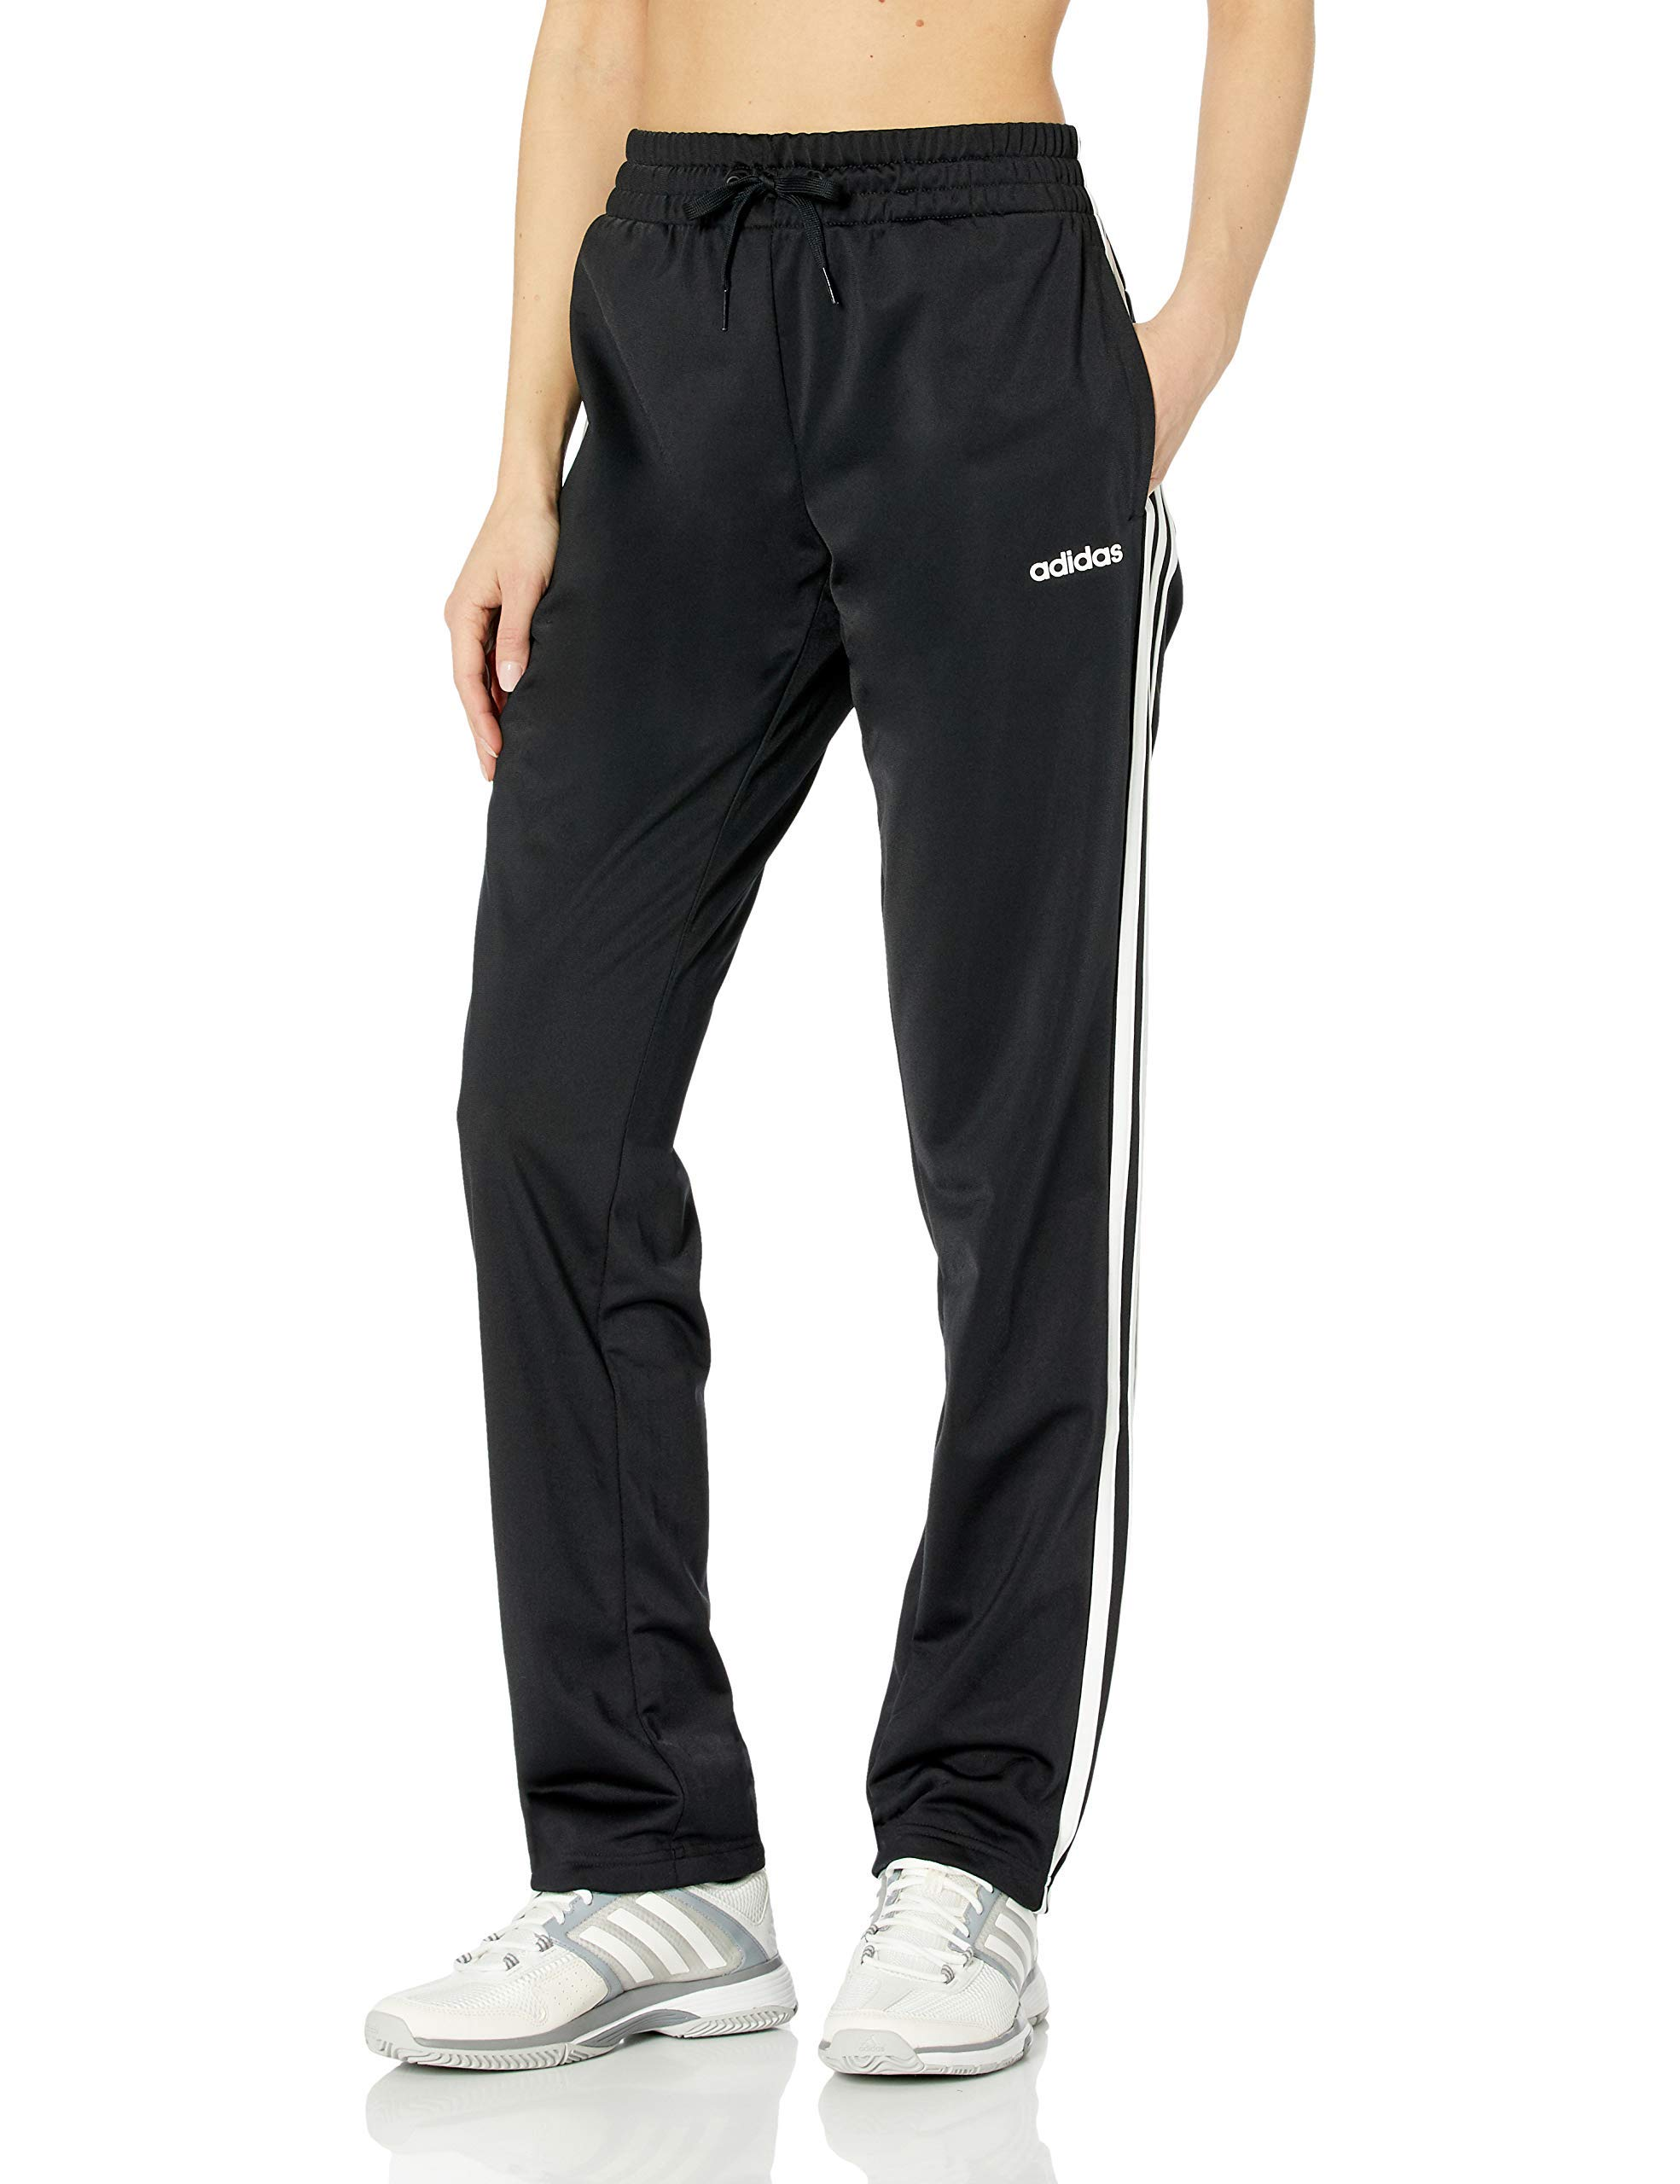 adidas 阿迪达斯必备3条纹经编裤子